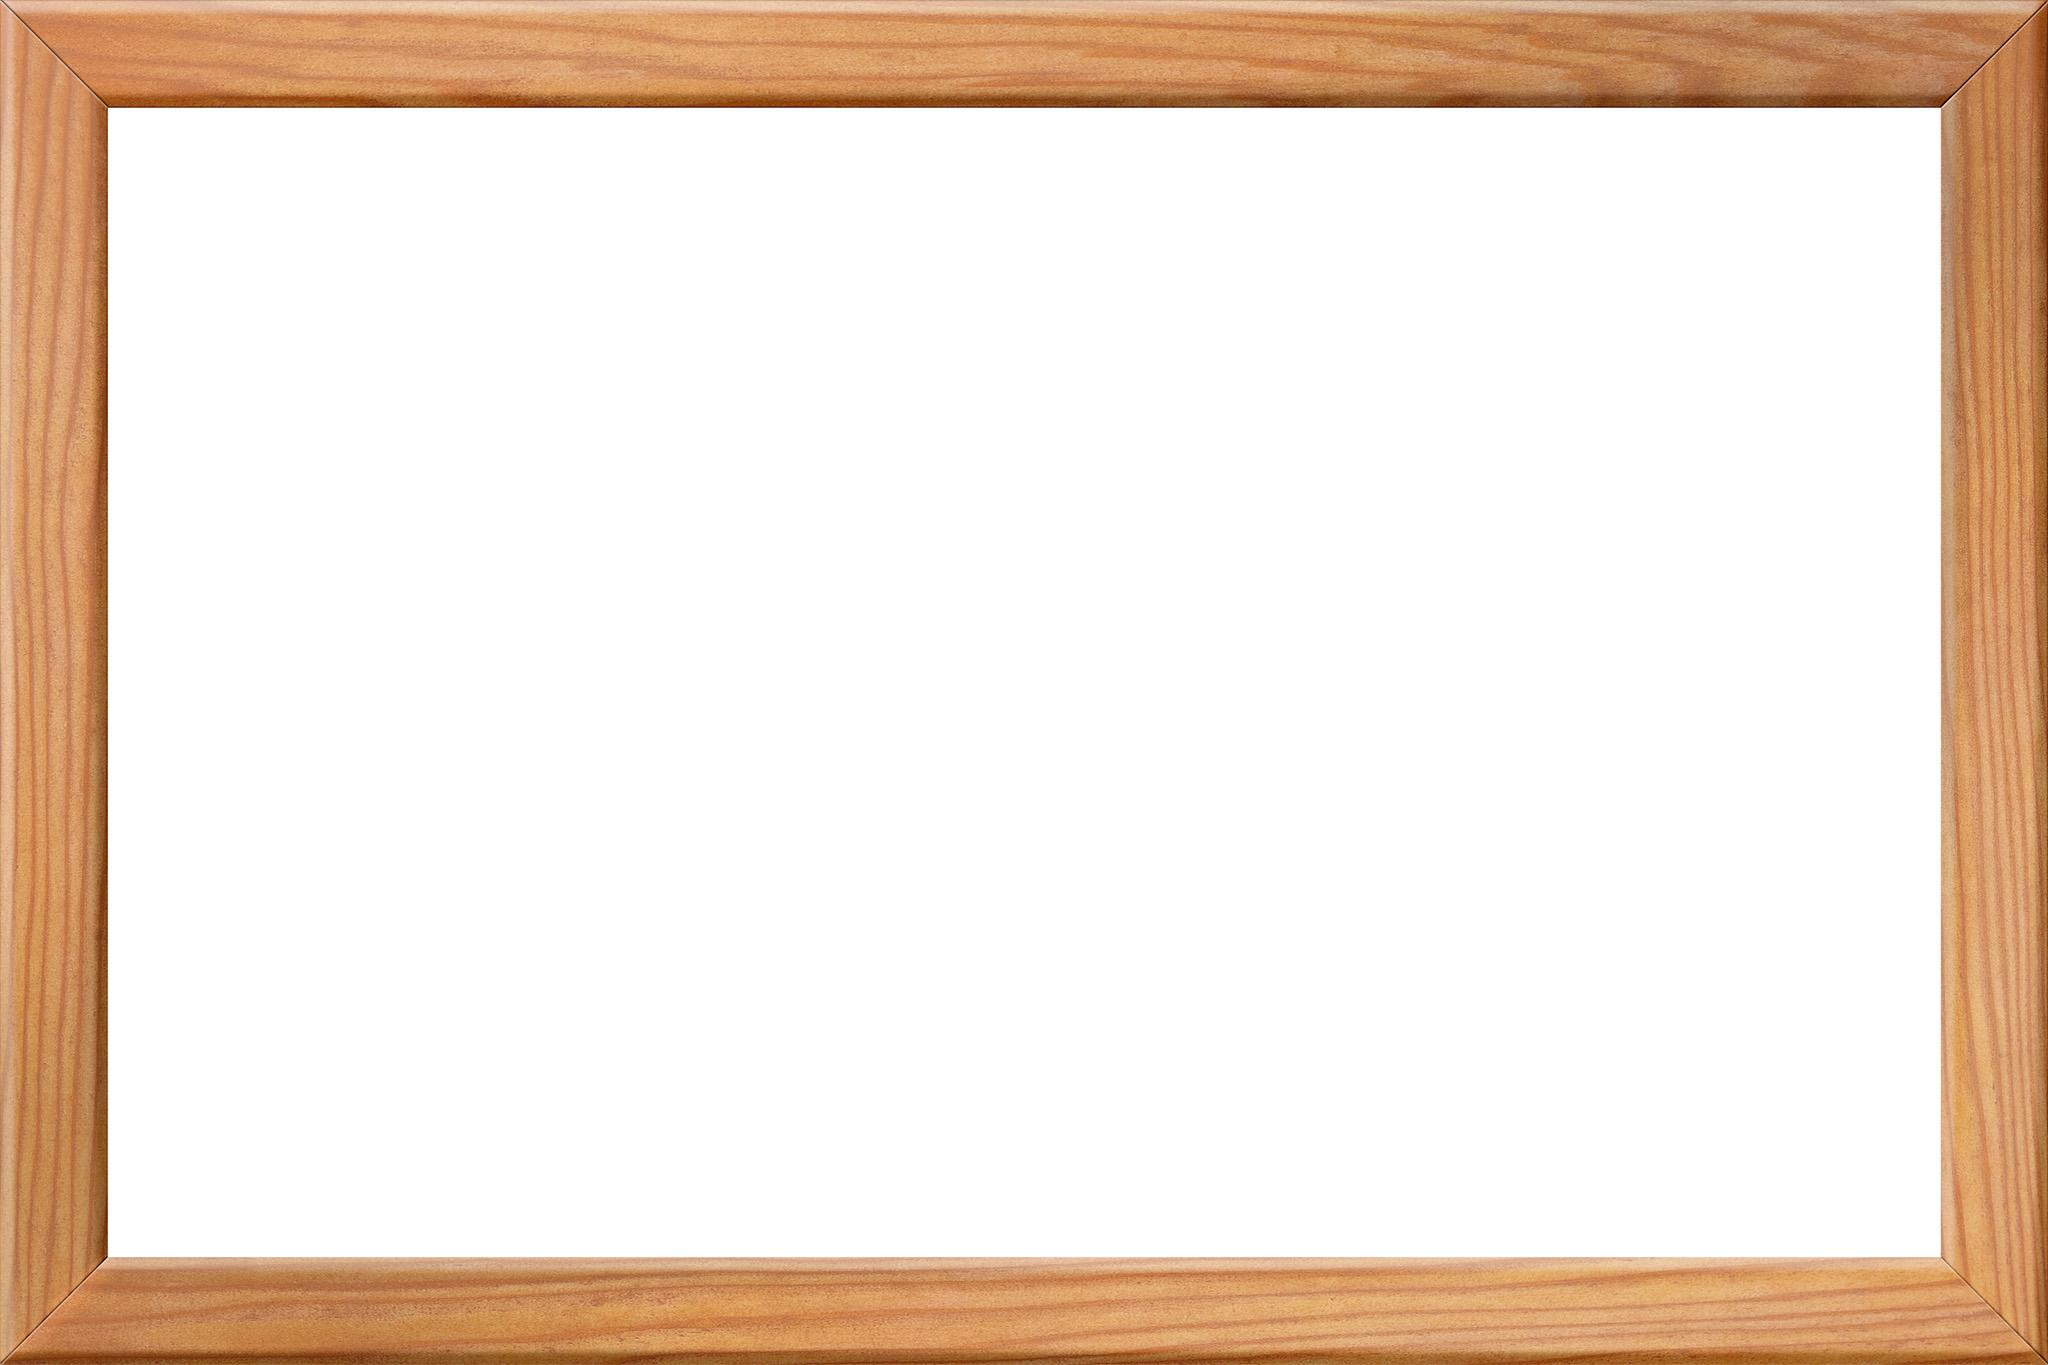 「木目が美しい木製の額縁」の画像を無料ダウンロード